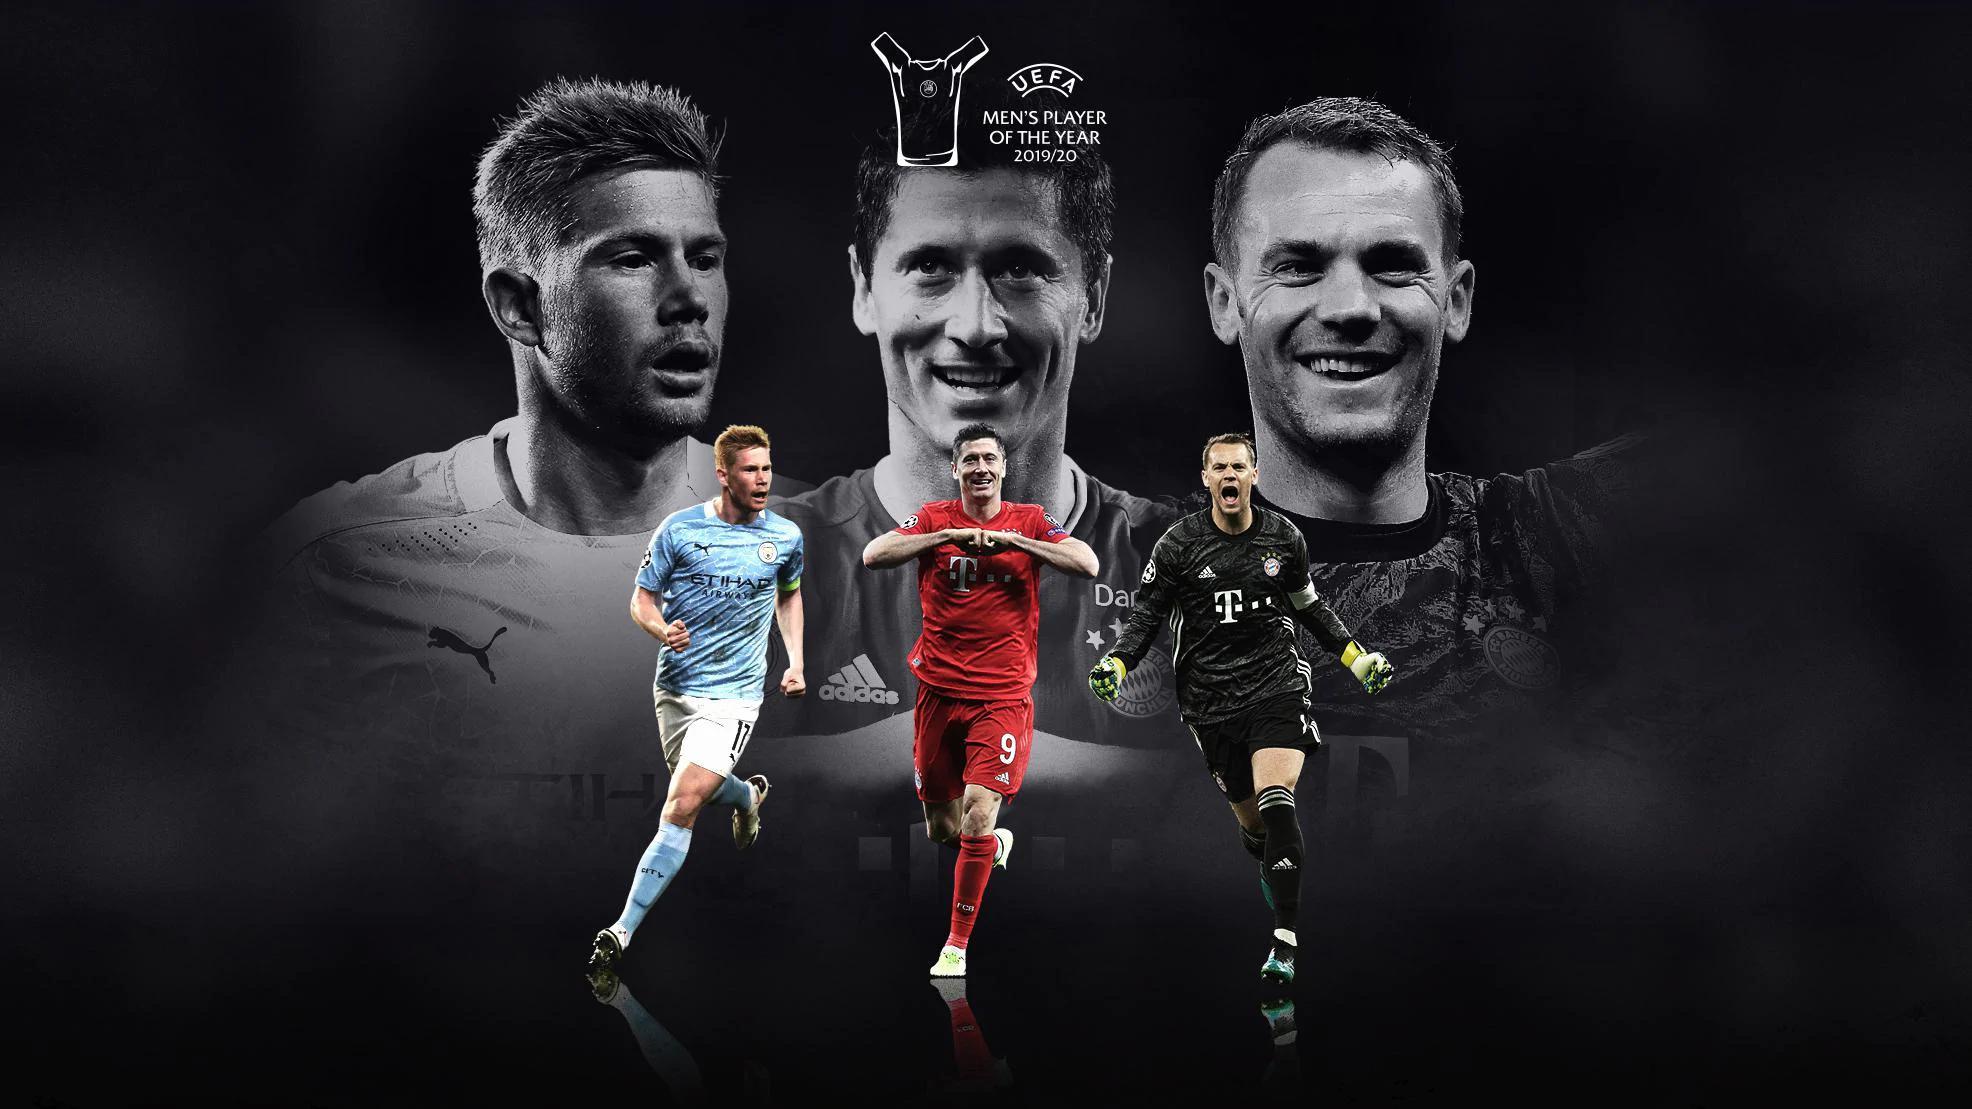 莱万、诺伊尔、德布劳内竞逐欧足联年度最佳球员